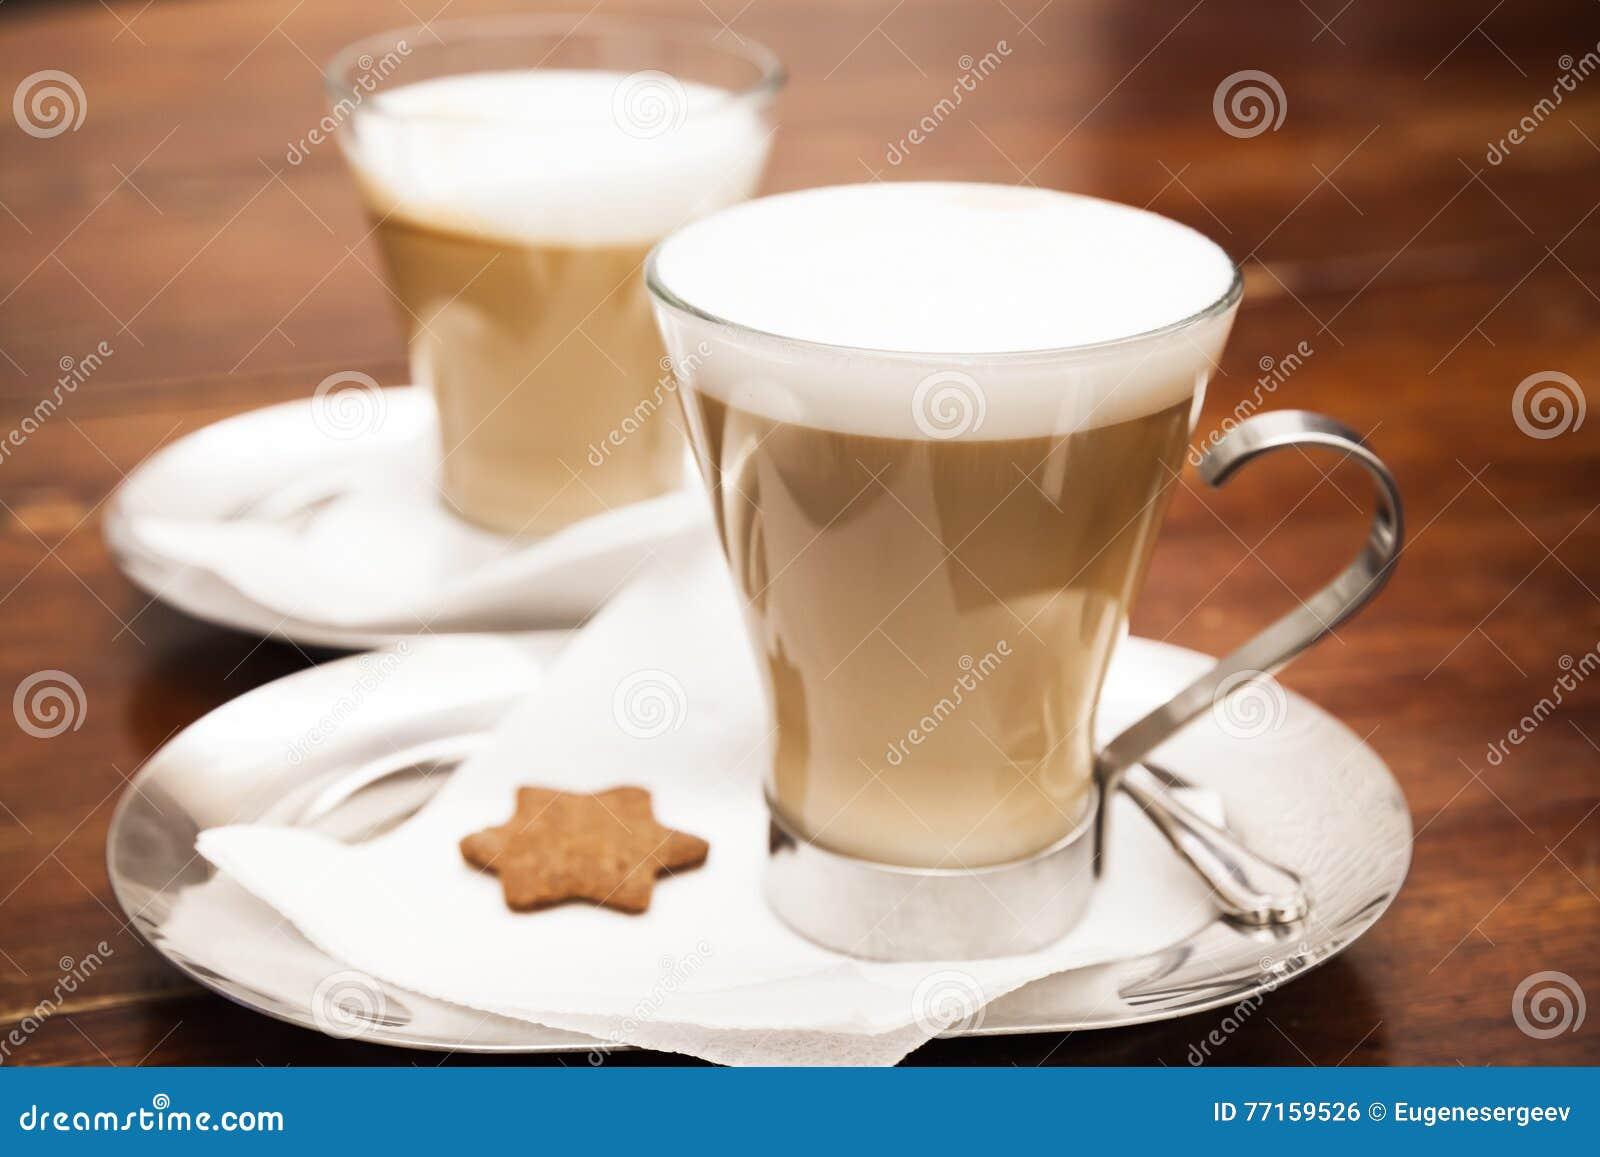 Tasses en verre complètement de cappuccino sur la table en bois